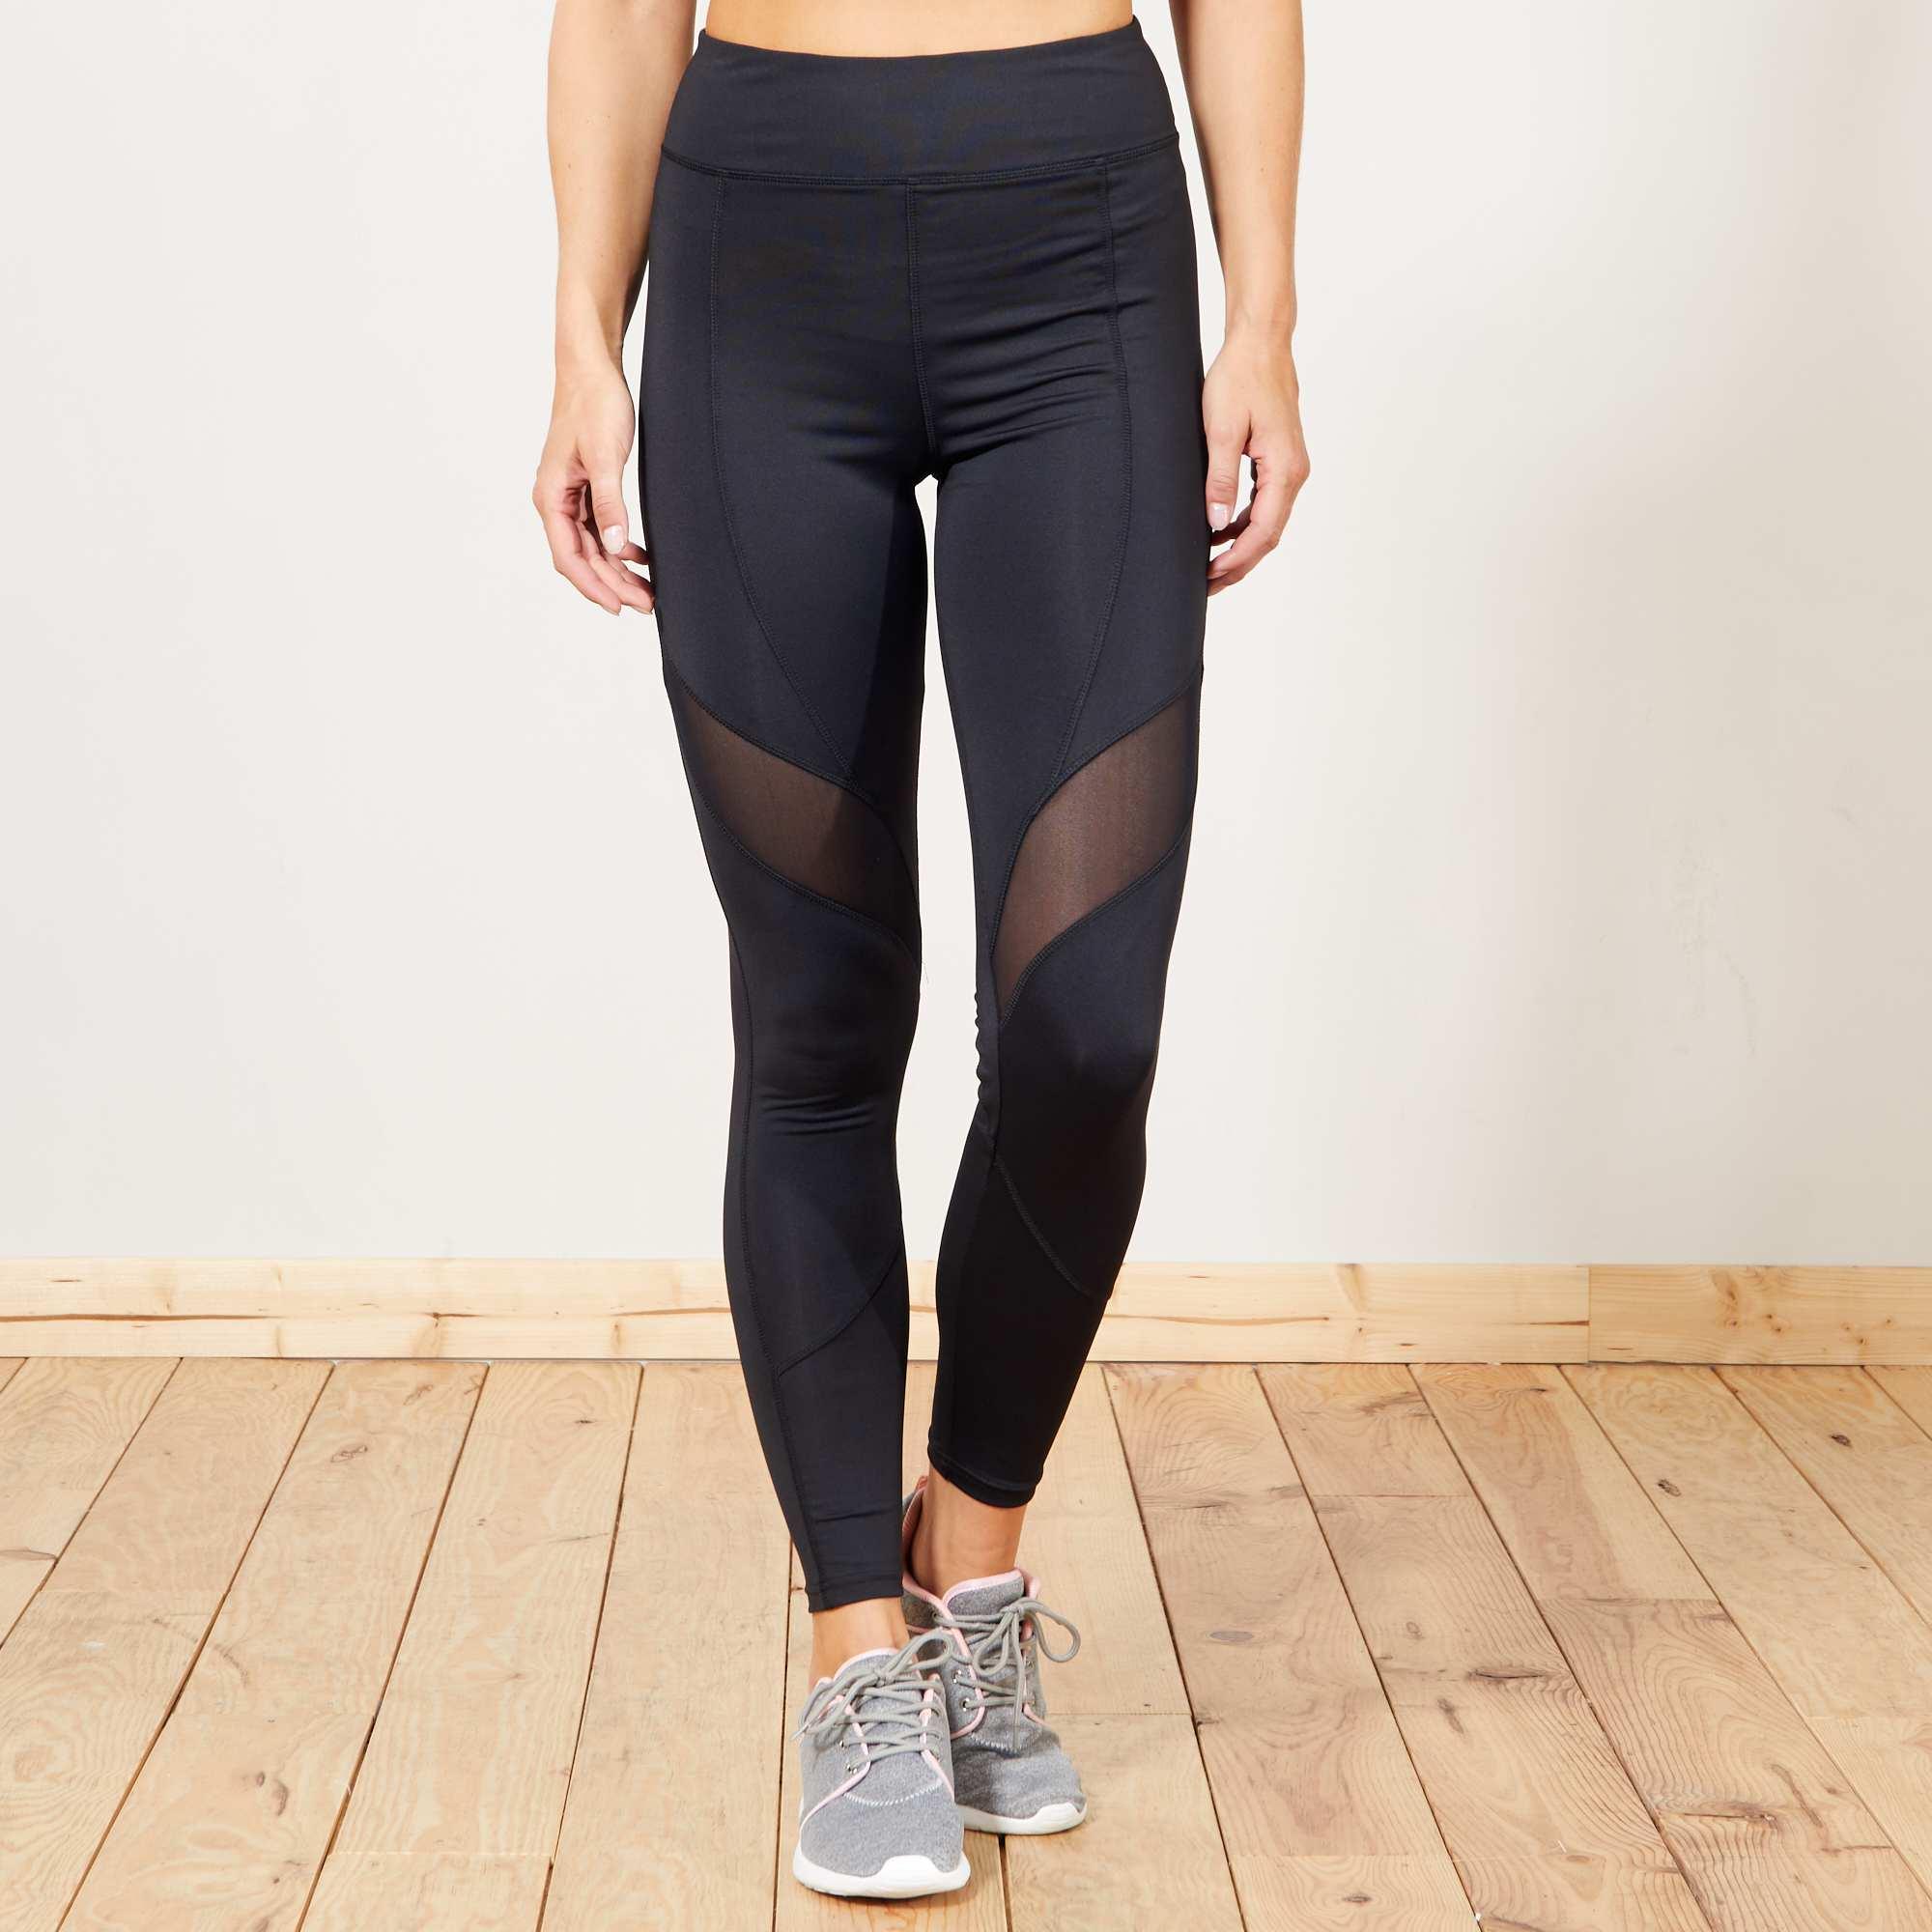 Couleur : noir, noir/violet, ,, - Taille : M, S, XXL,L,XLLa poche zippée au dos est très pratique pour transporter ses affaires au sport ! -